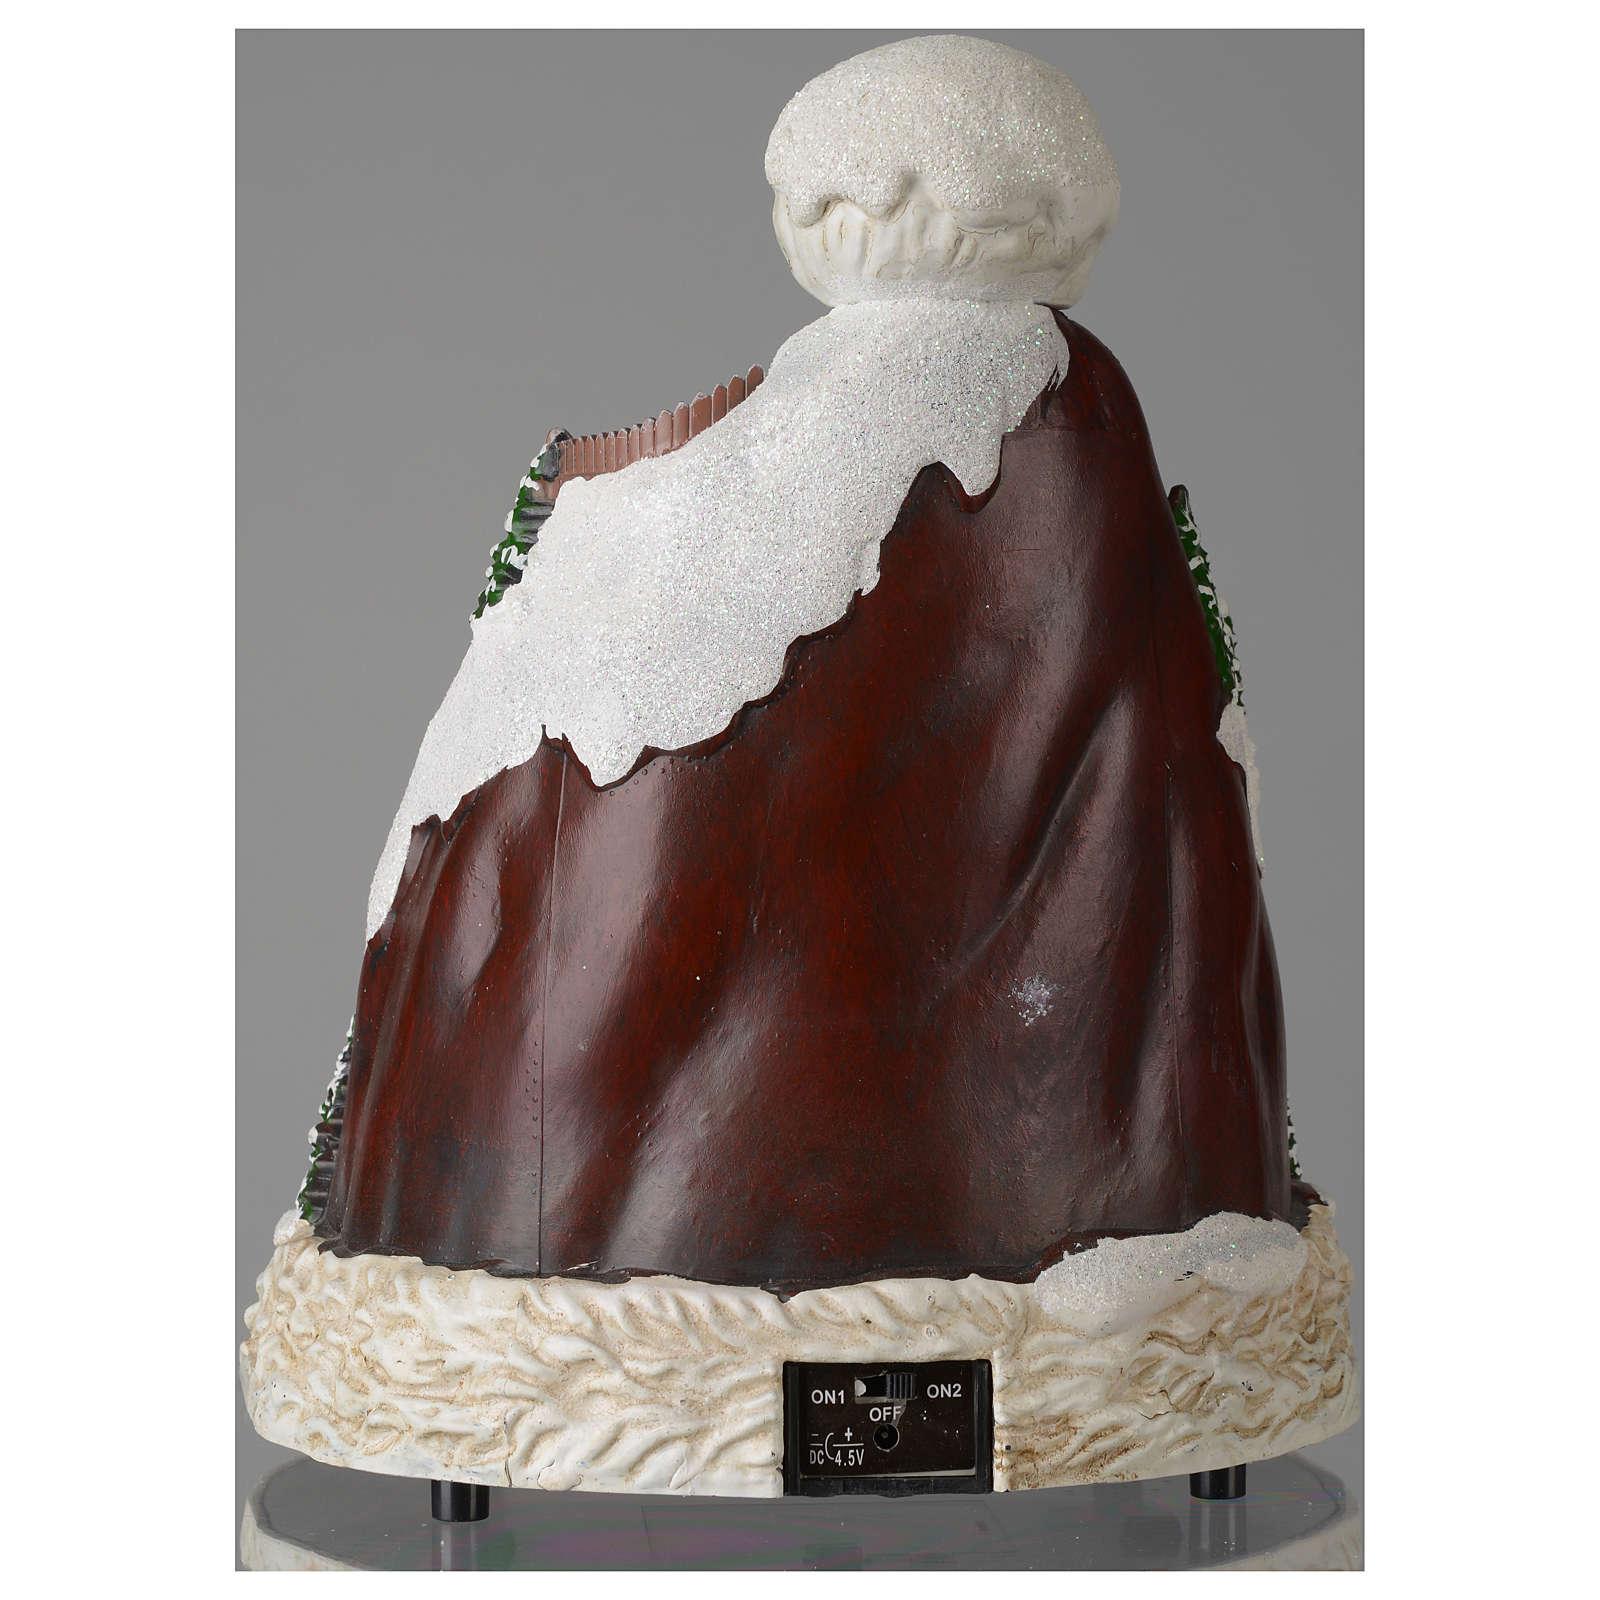 Villaggio natalizio cappello luci musicale movimento sciatori 24X19X19 cm 3